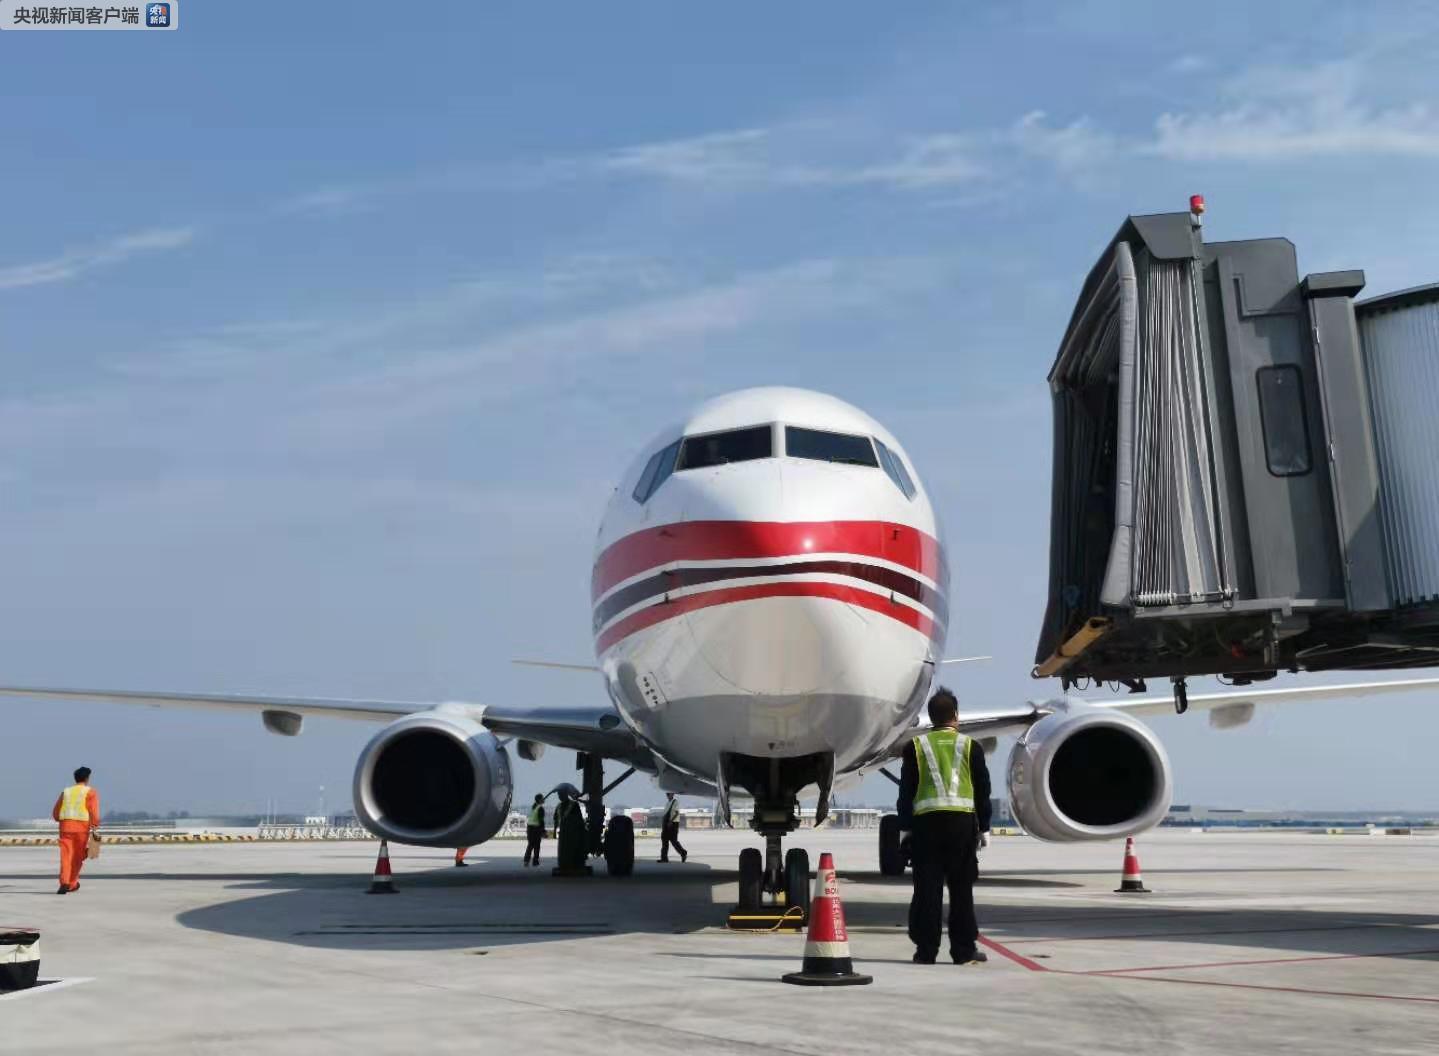 北京大兴国际机场迎来第三阶段试飞